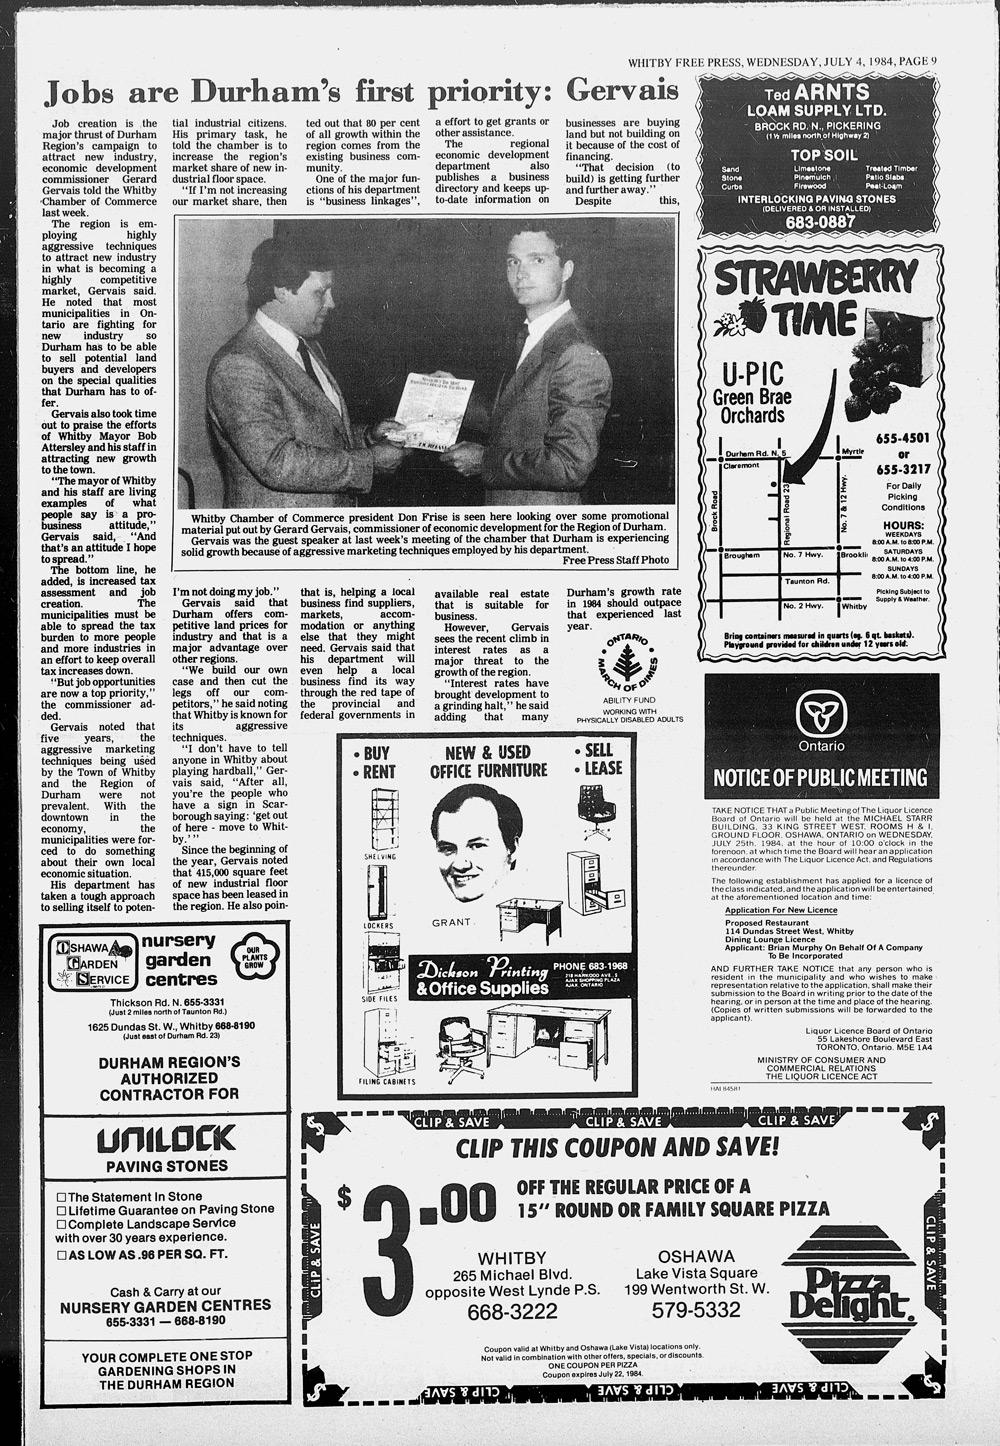 Whitby Free Press, 4 Jul 1984